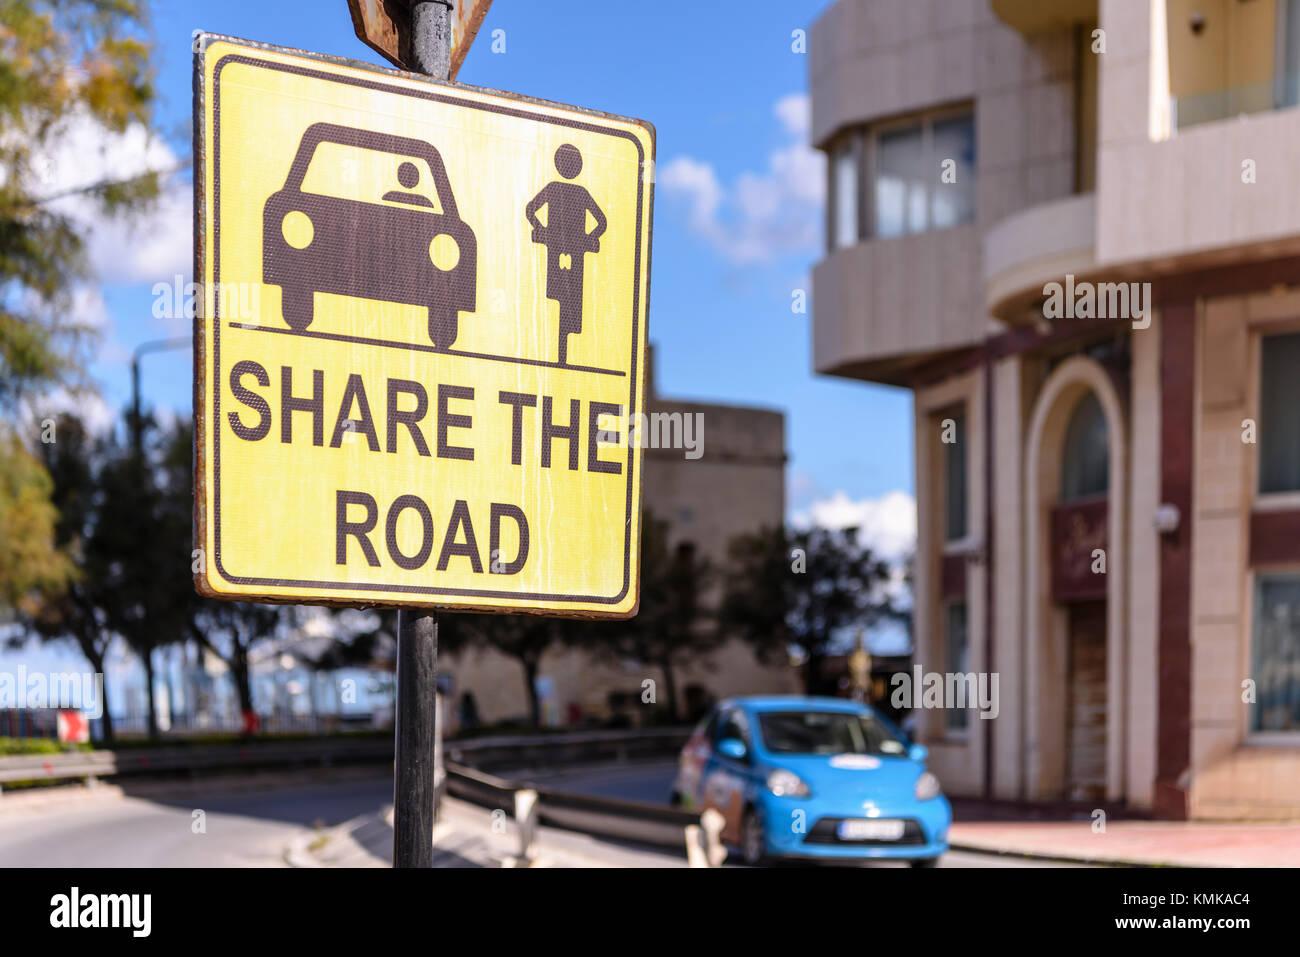 Firmar asesorar a usuarios de la carretera a compartir la carretera entre automóviles y motociclistas. Imagen De Stock